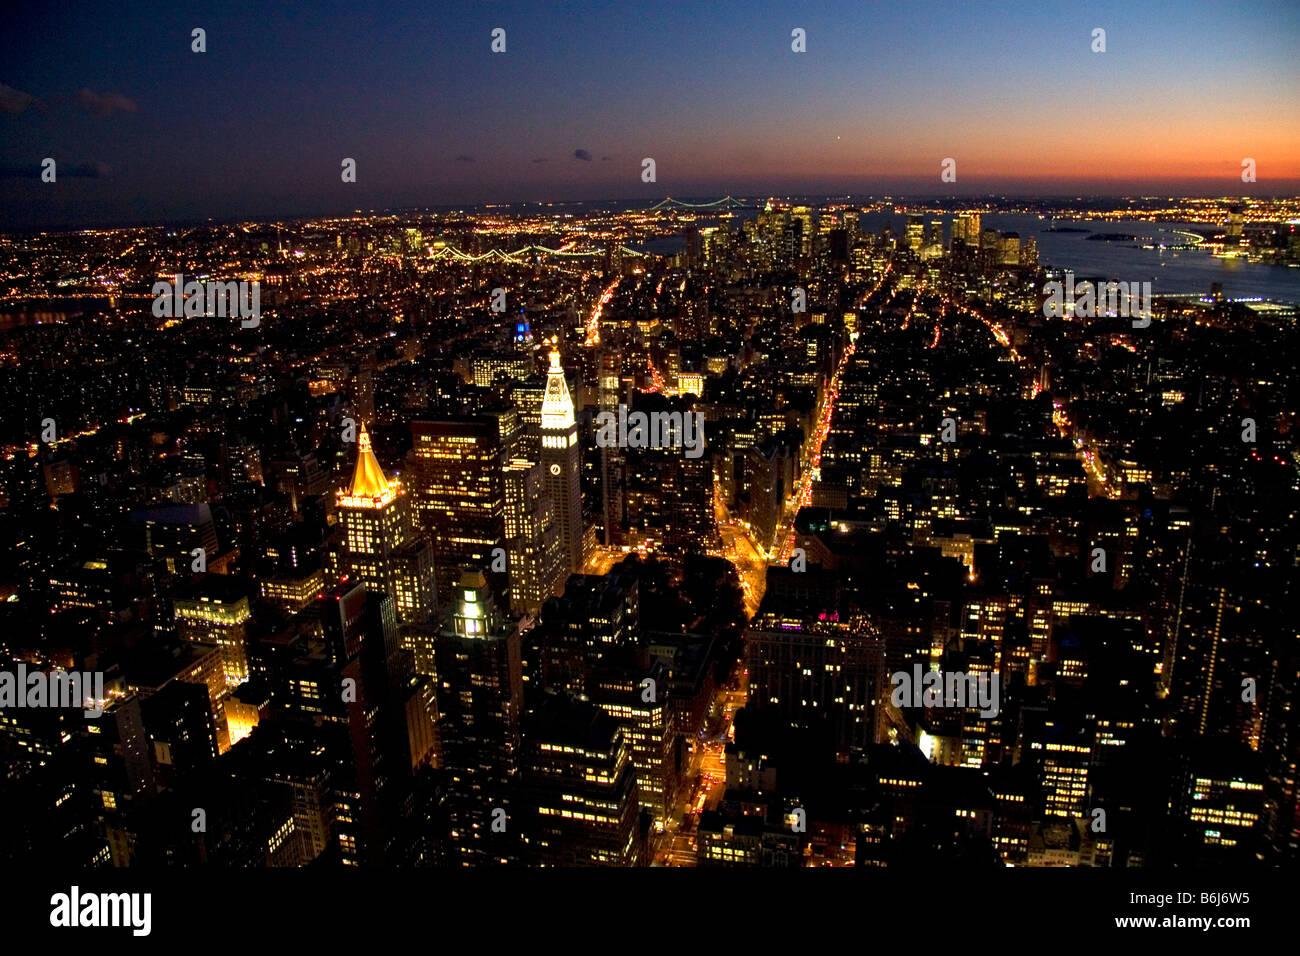 Night views of New York City New York USA - Stock Image